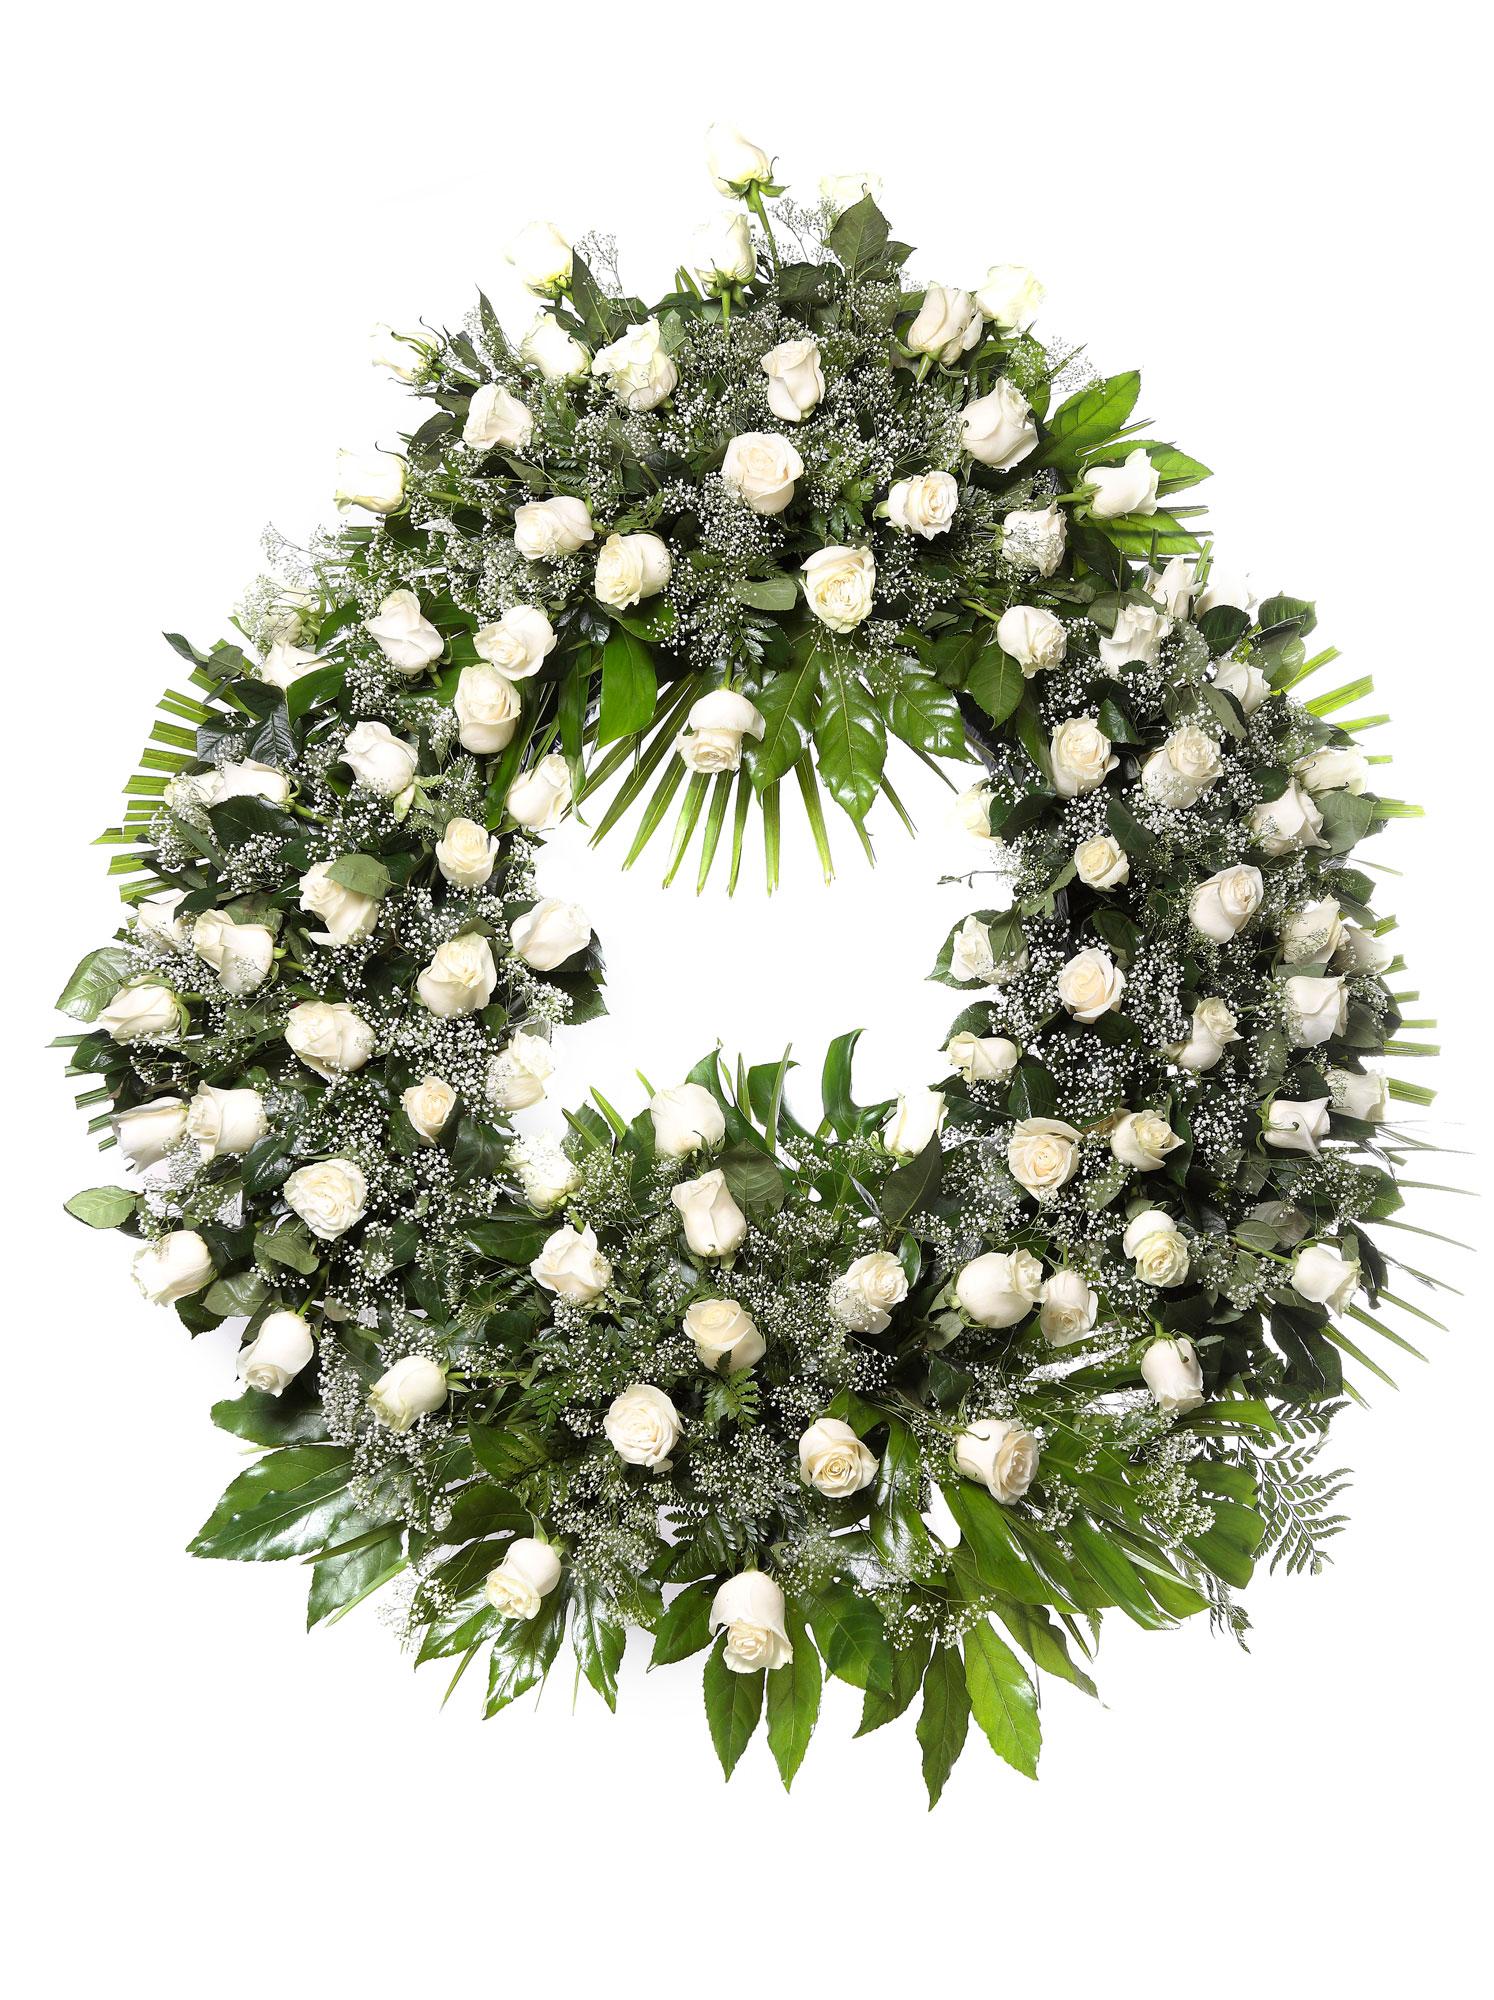 Corona flores tanatorio 9 b coronas tanatorios en le n - Coronas de flore ...